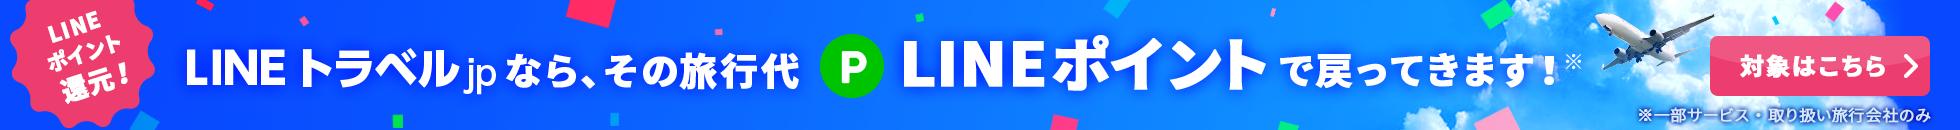 その旅行代、LINEポイントで戻ってきます!対象はこちら